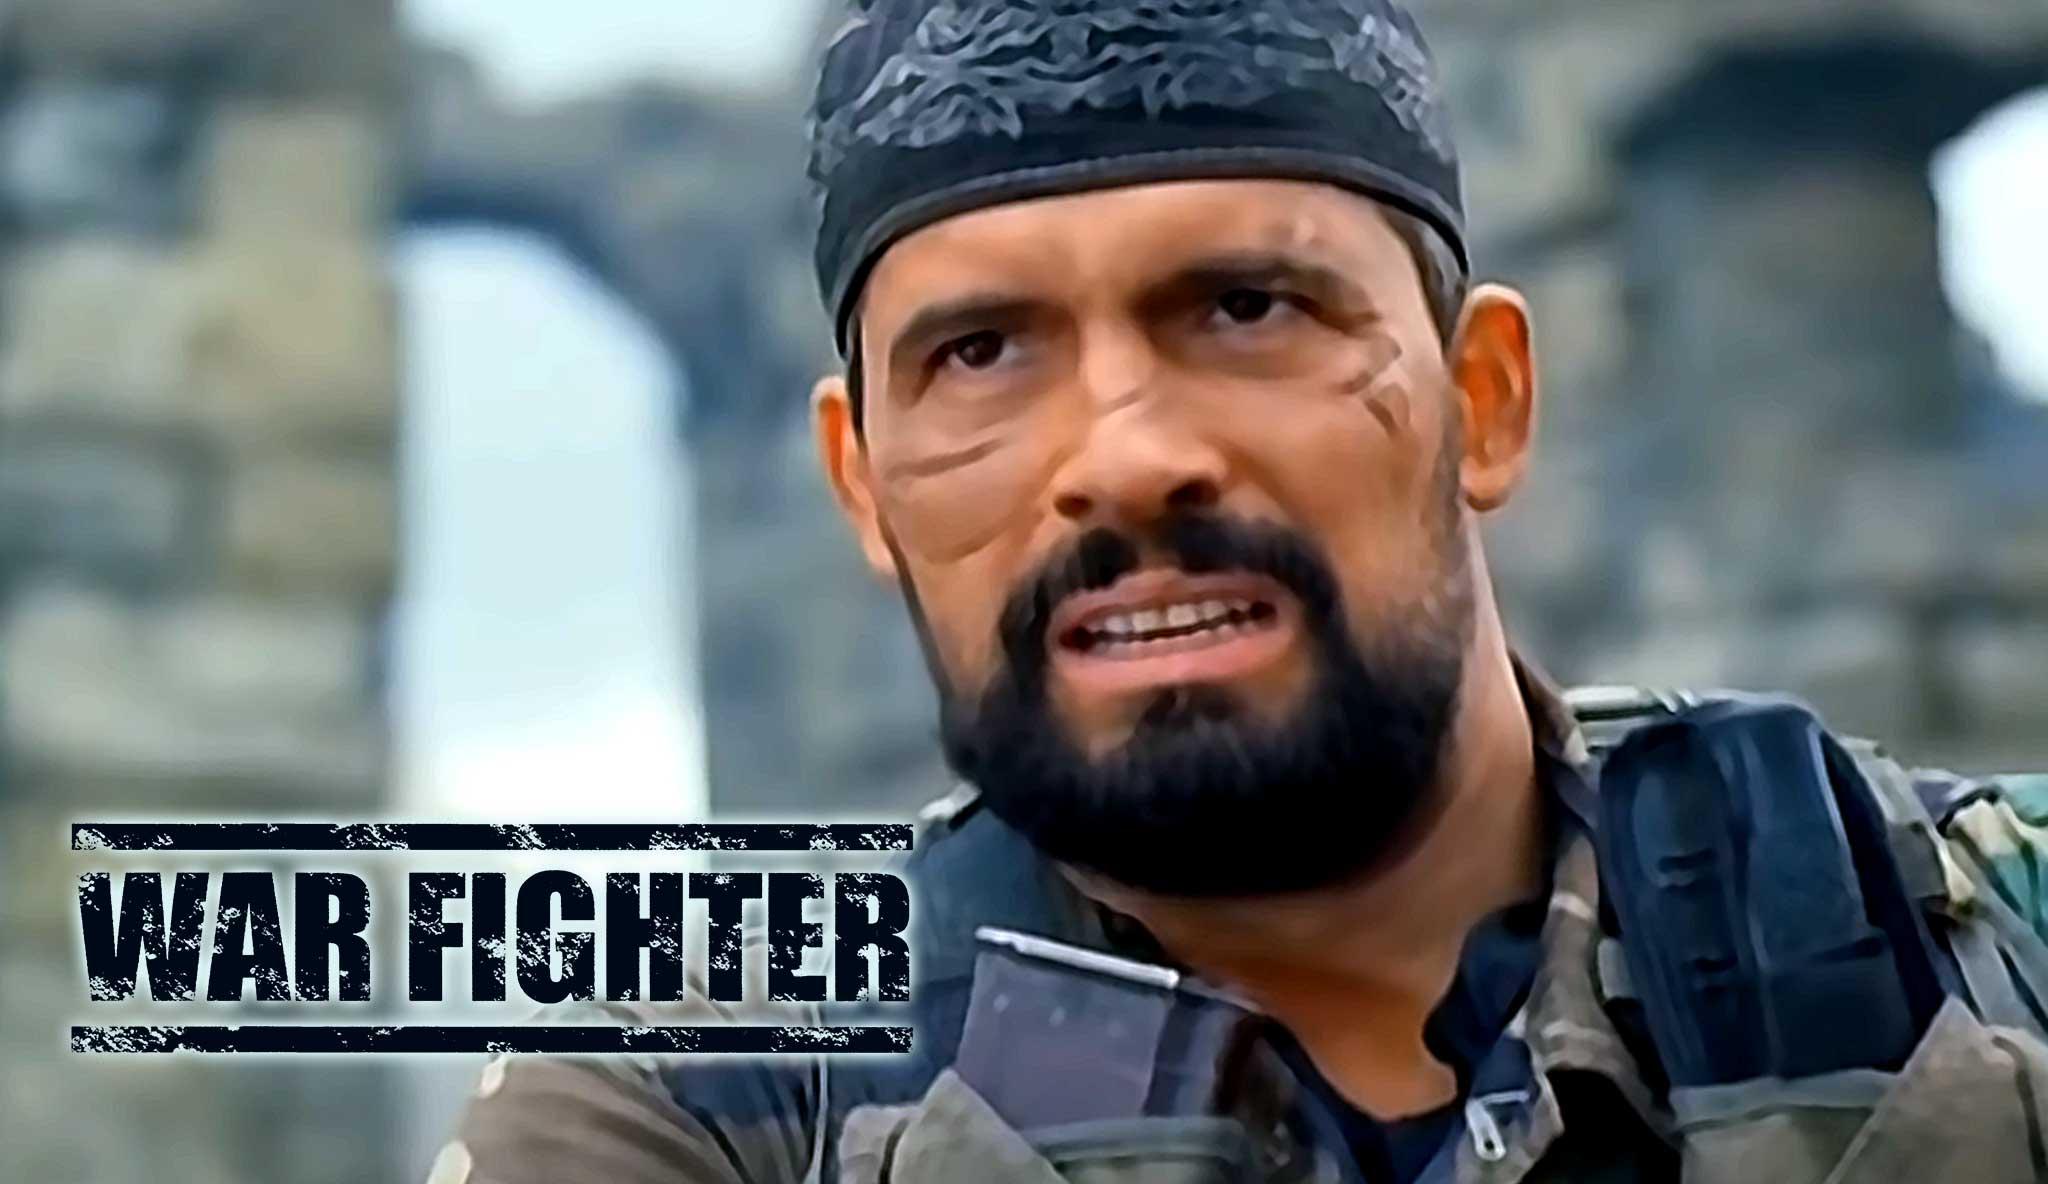 war-fighter\header.jpg